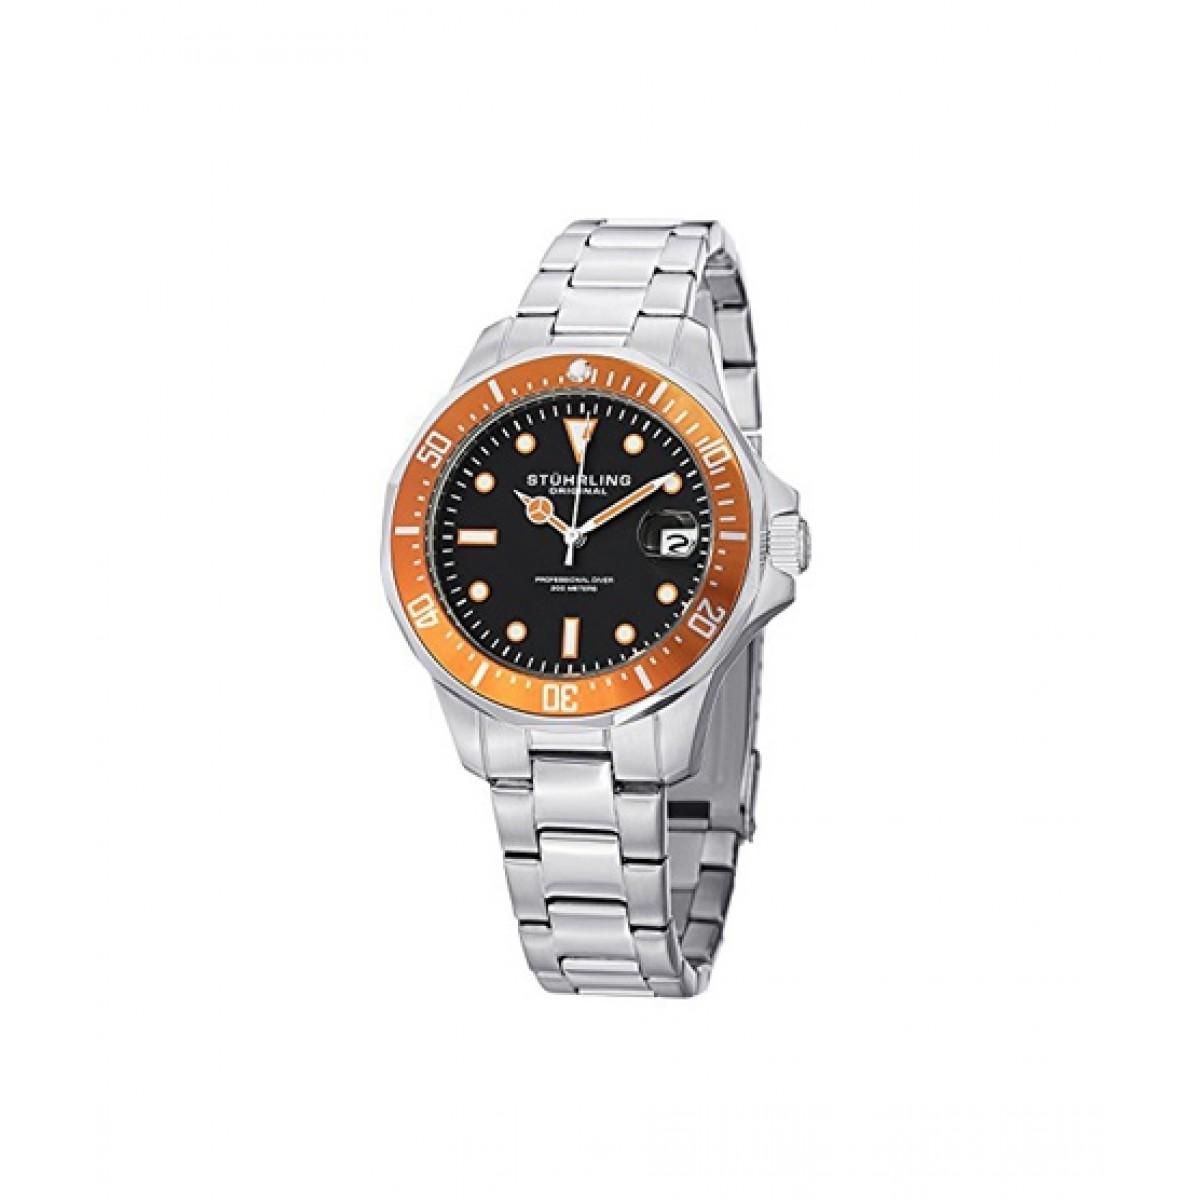 9ba69a7fb Stuhrling Original Aquadiver 664 Men's Watch Price in Pakistan | Buy  Stuhrling Original Men's Watch Silver (664.04) | iShopping.pk